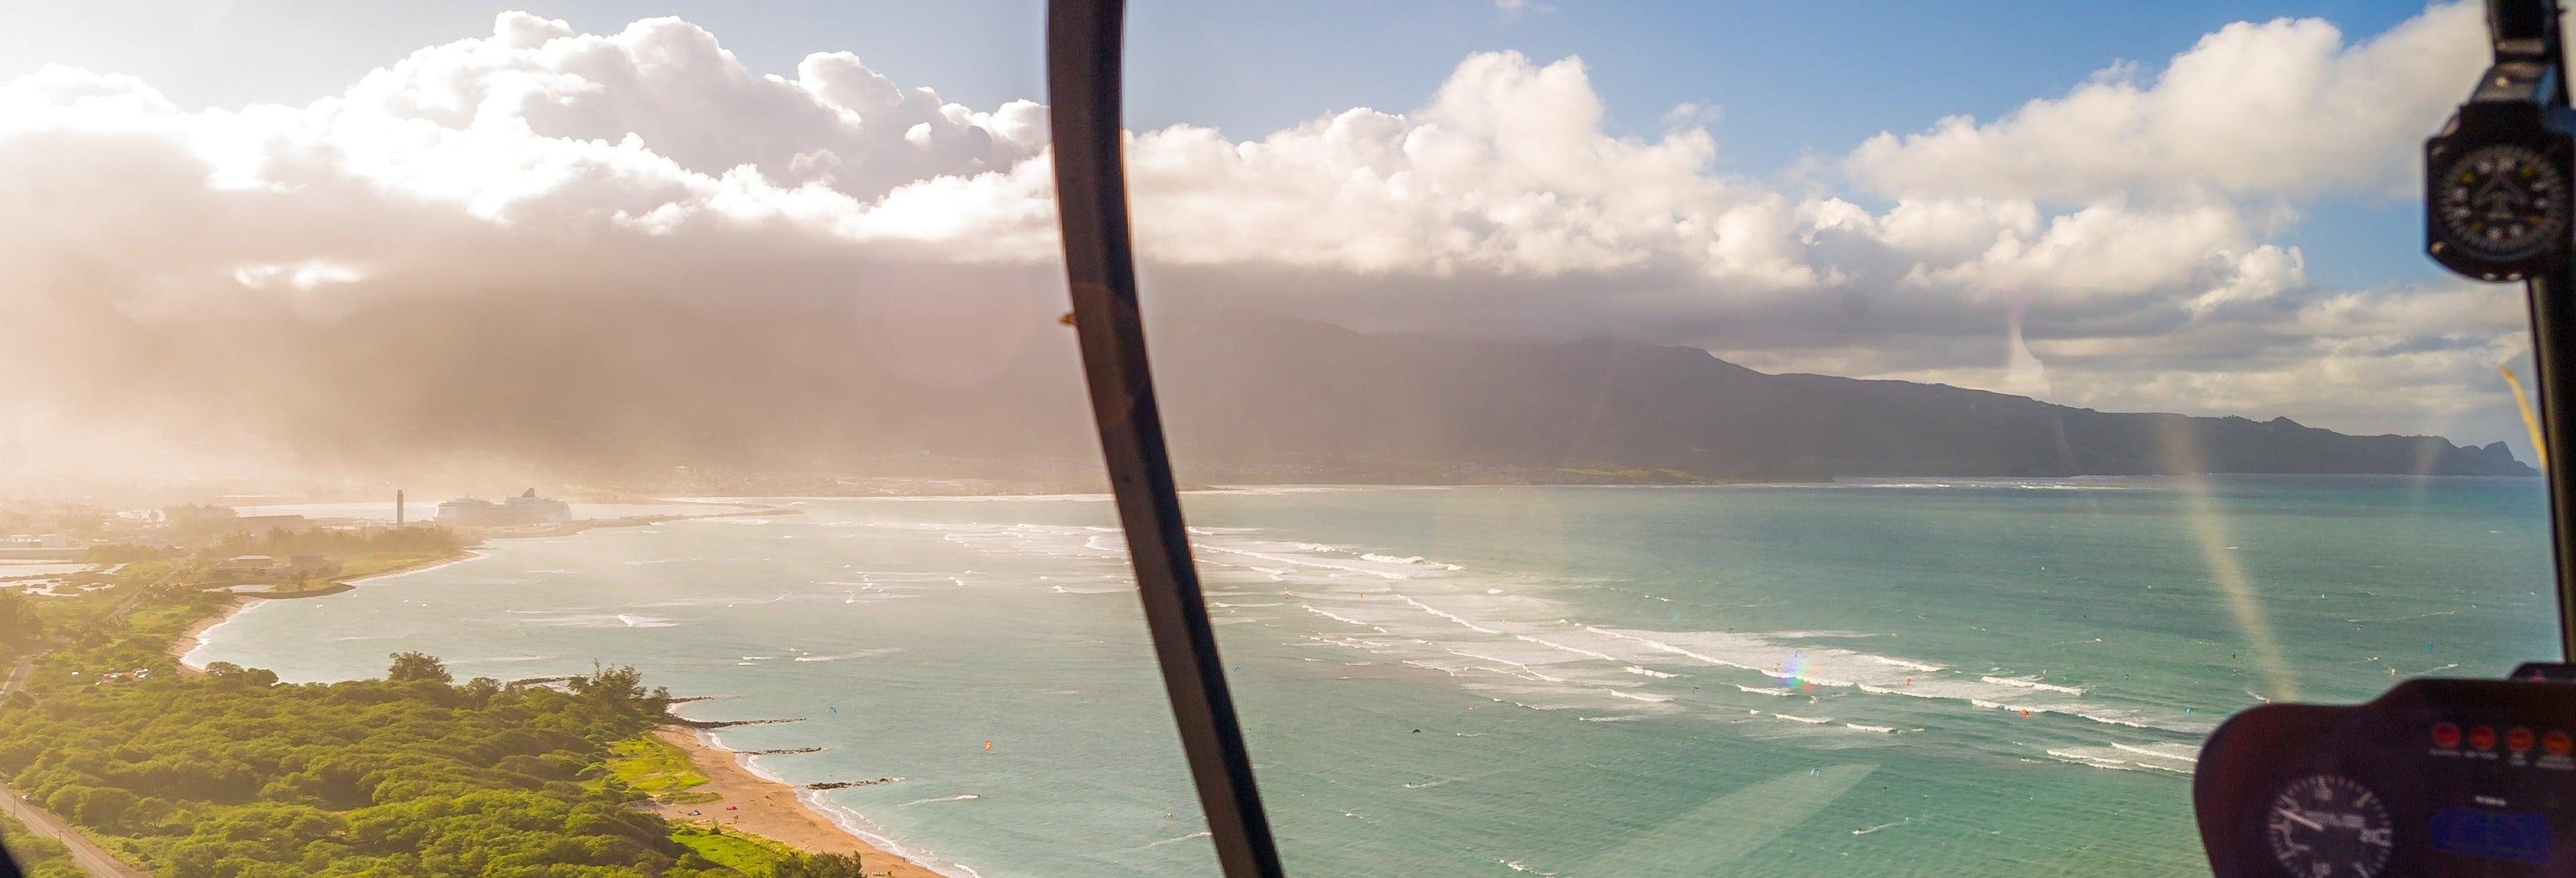 Vol en hélicoptère à Maui